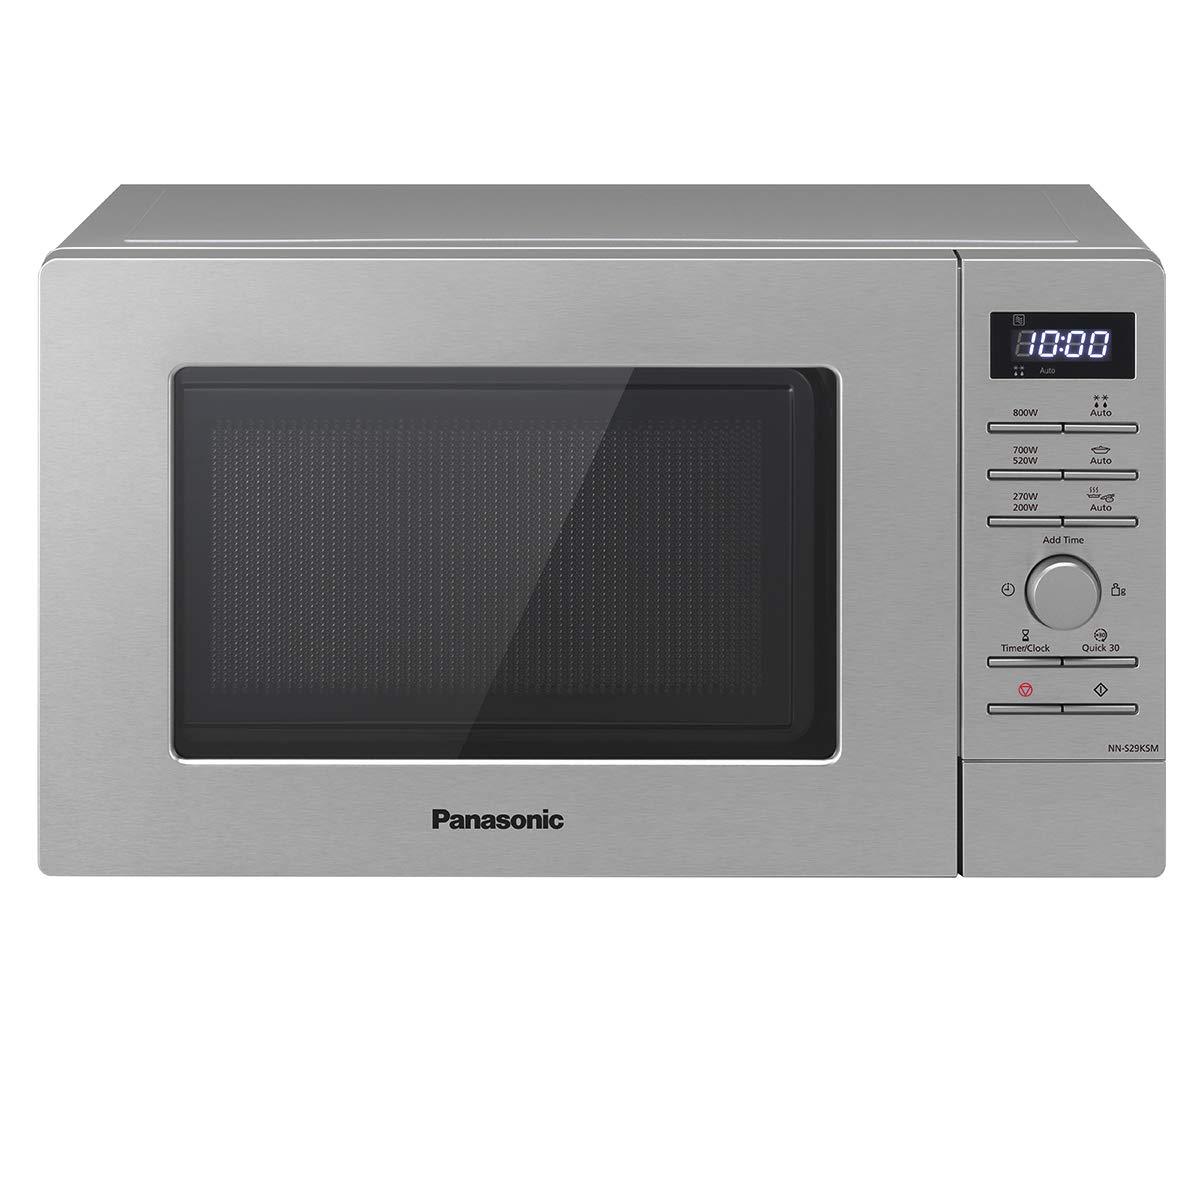 Panasonic NN-S29 Solo Mikrowelle (800 Watt, 20 Liter) edelstahl